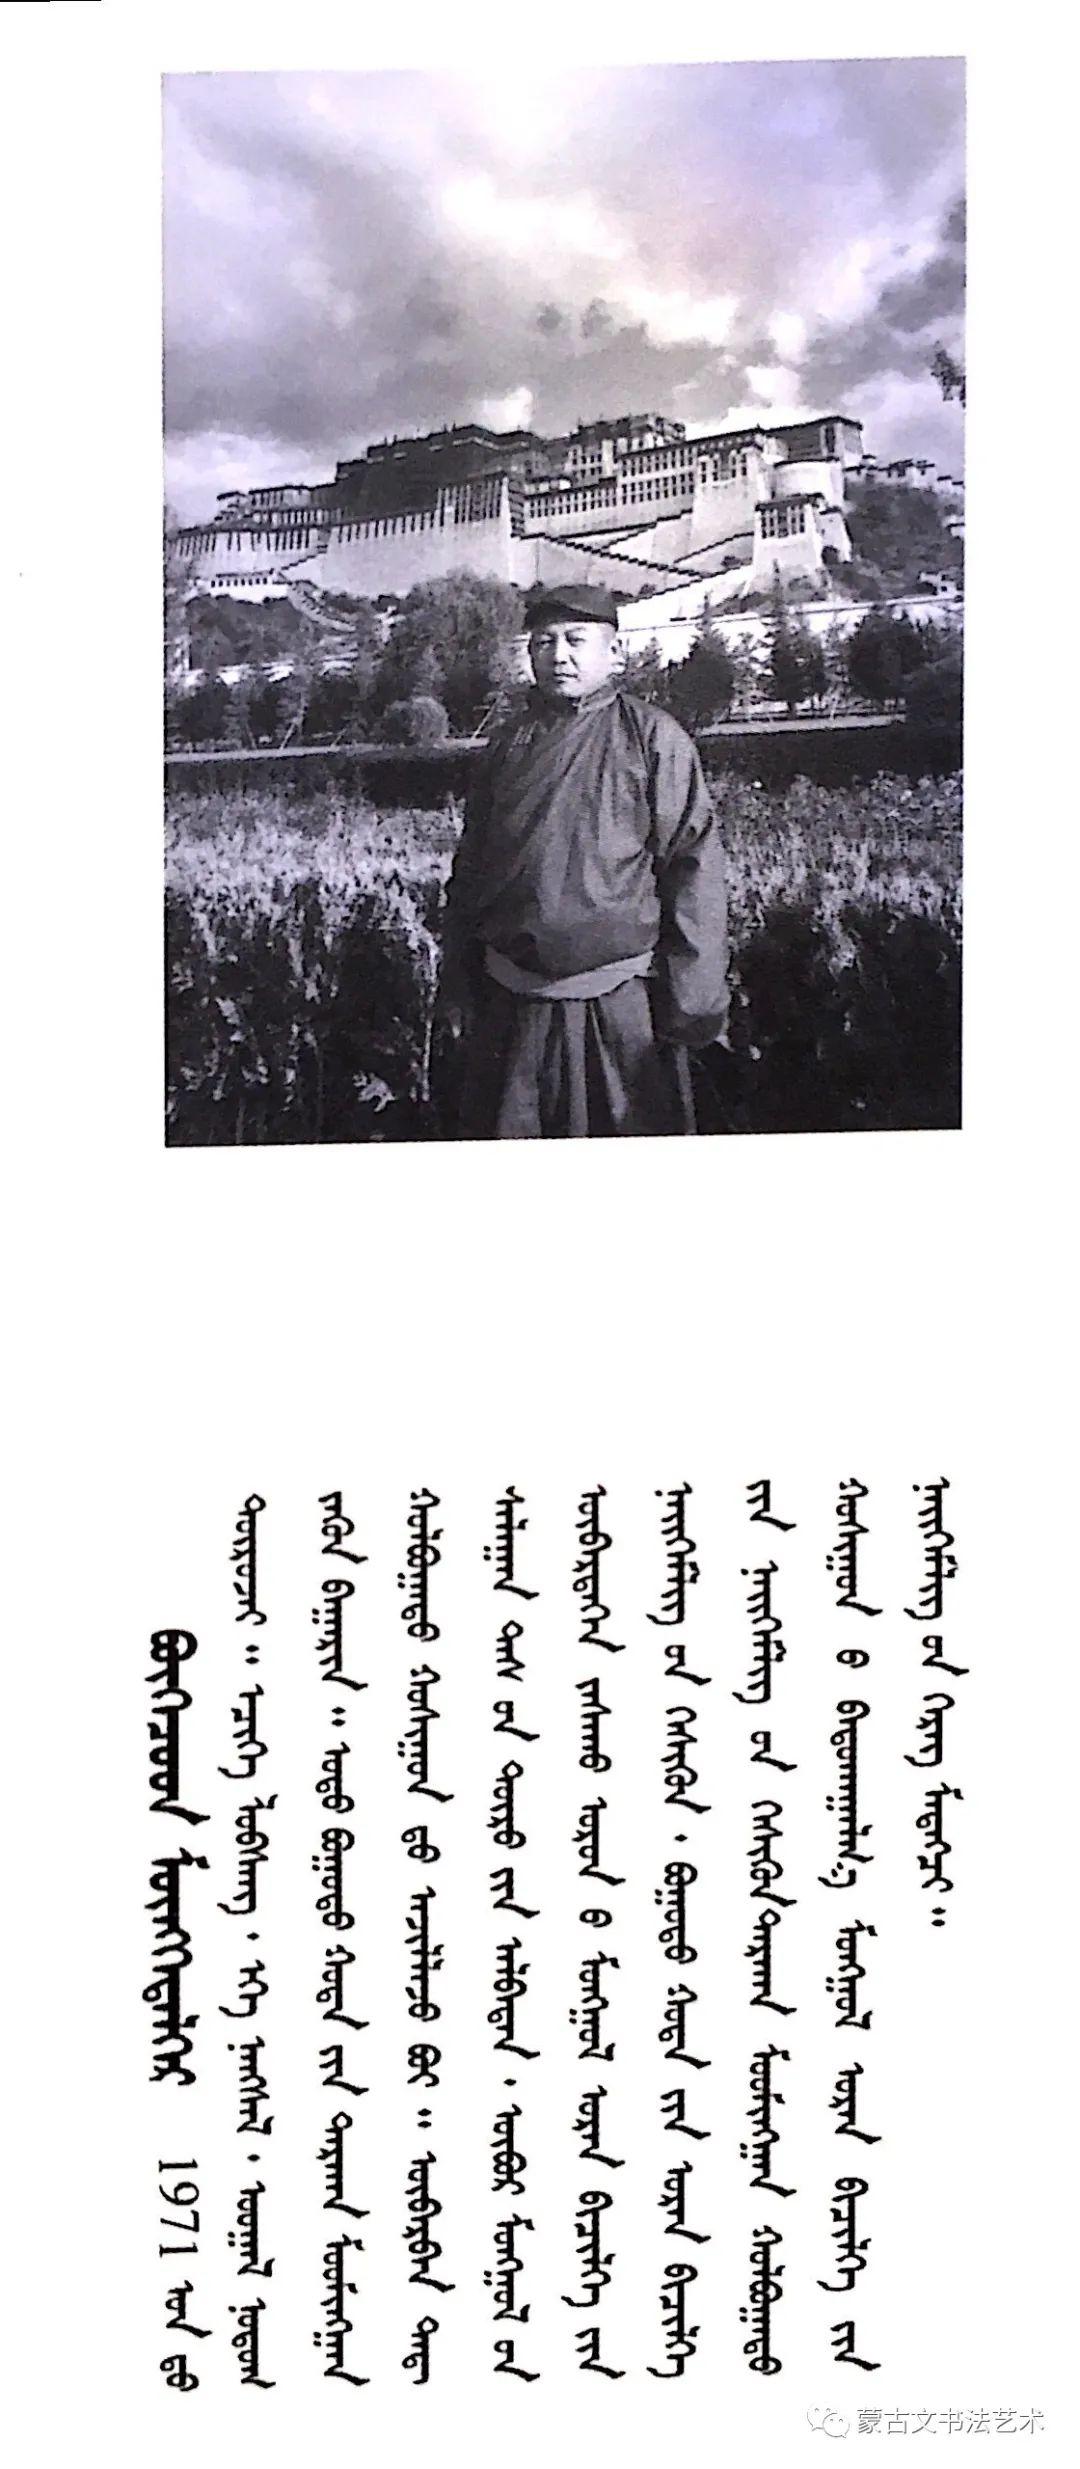 孟克德力格尔楷书著作《八思巴传》 第2张